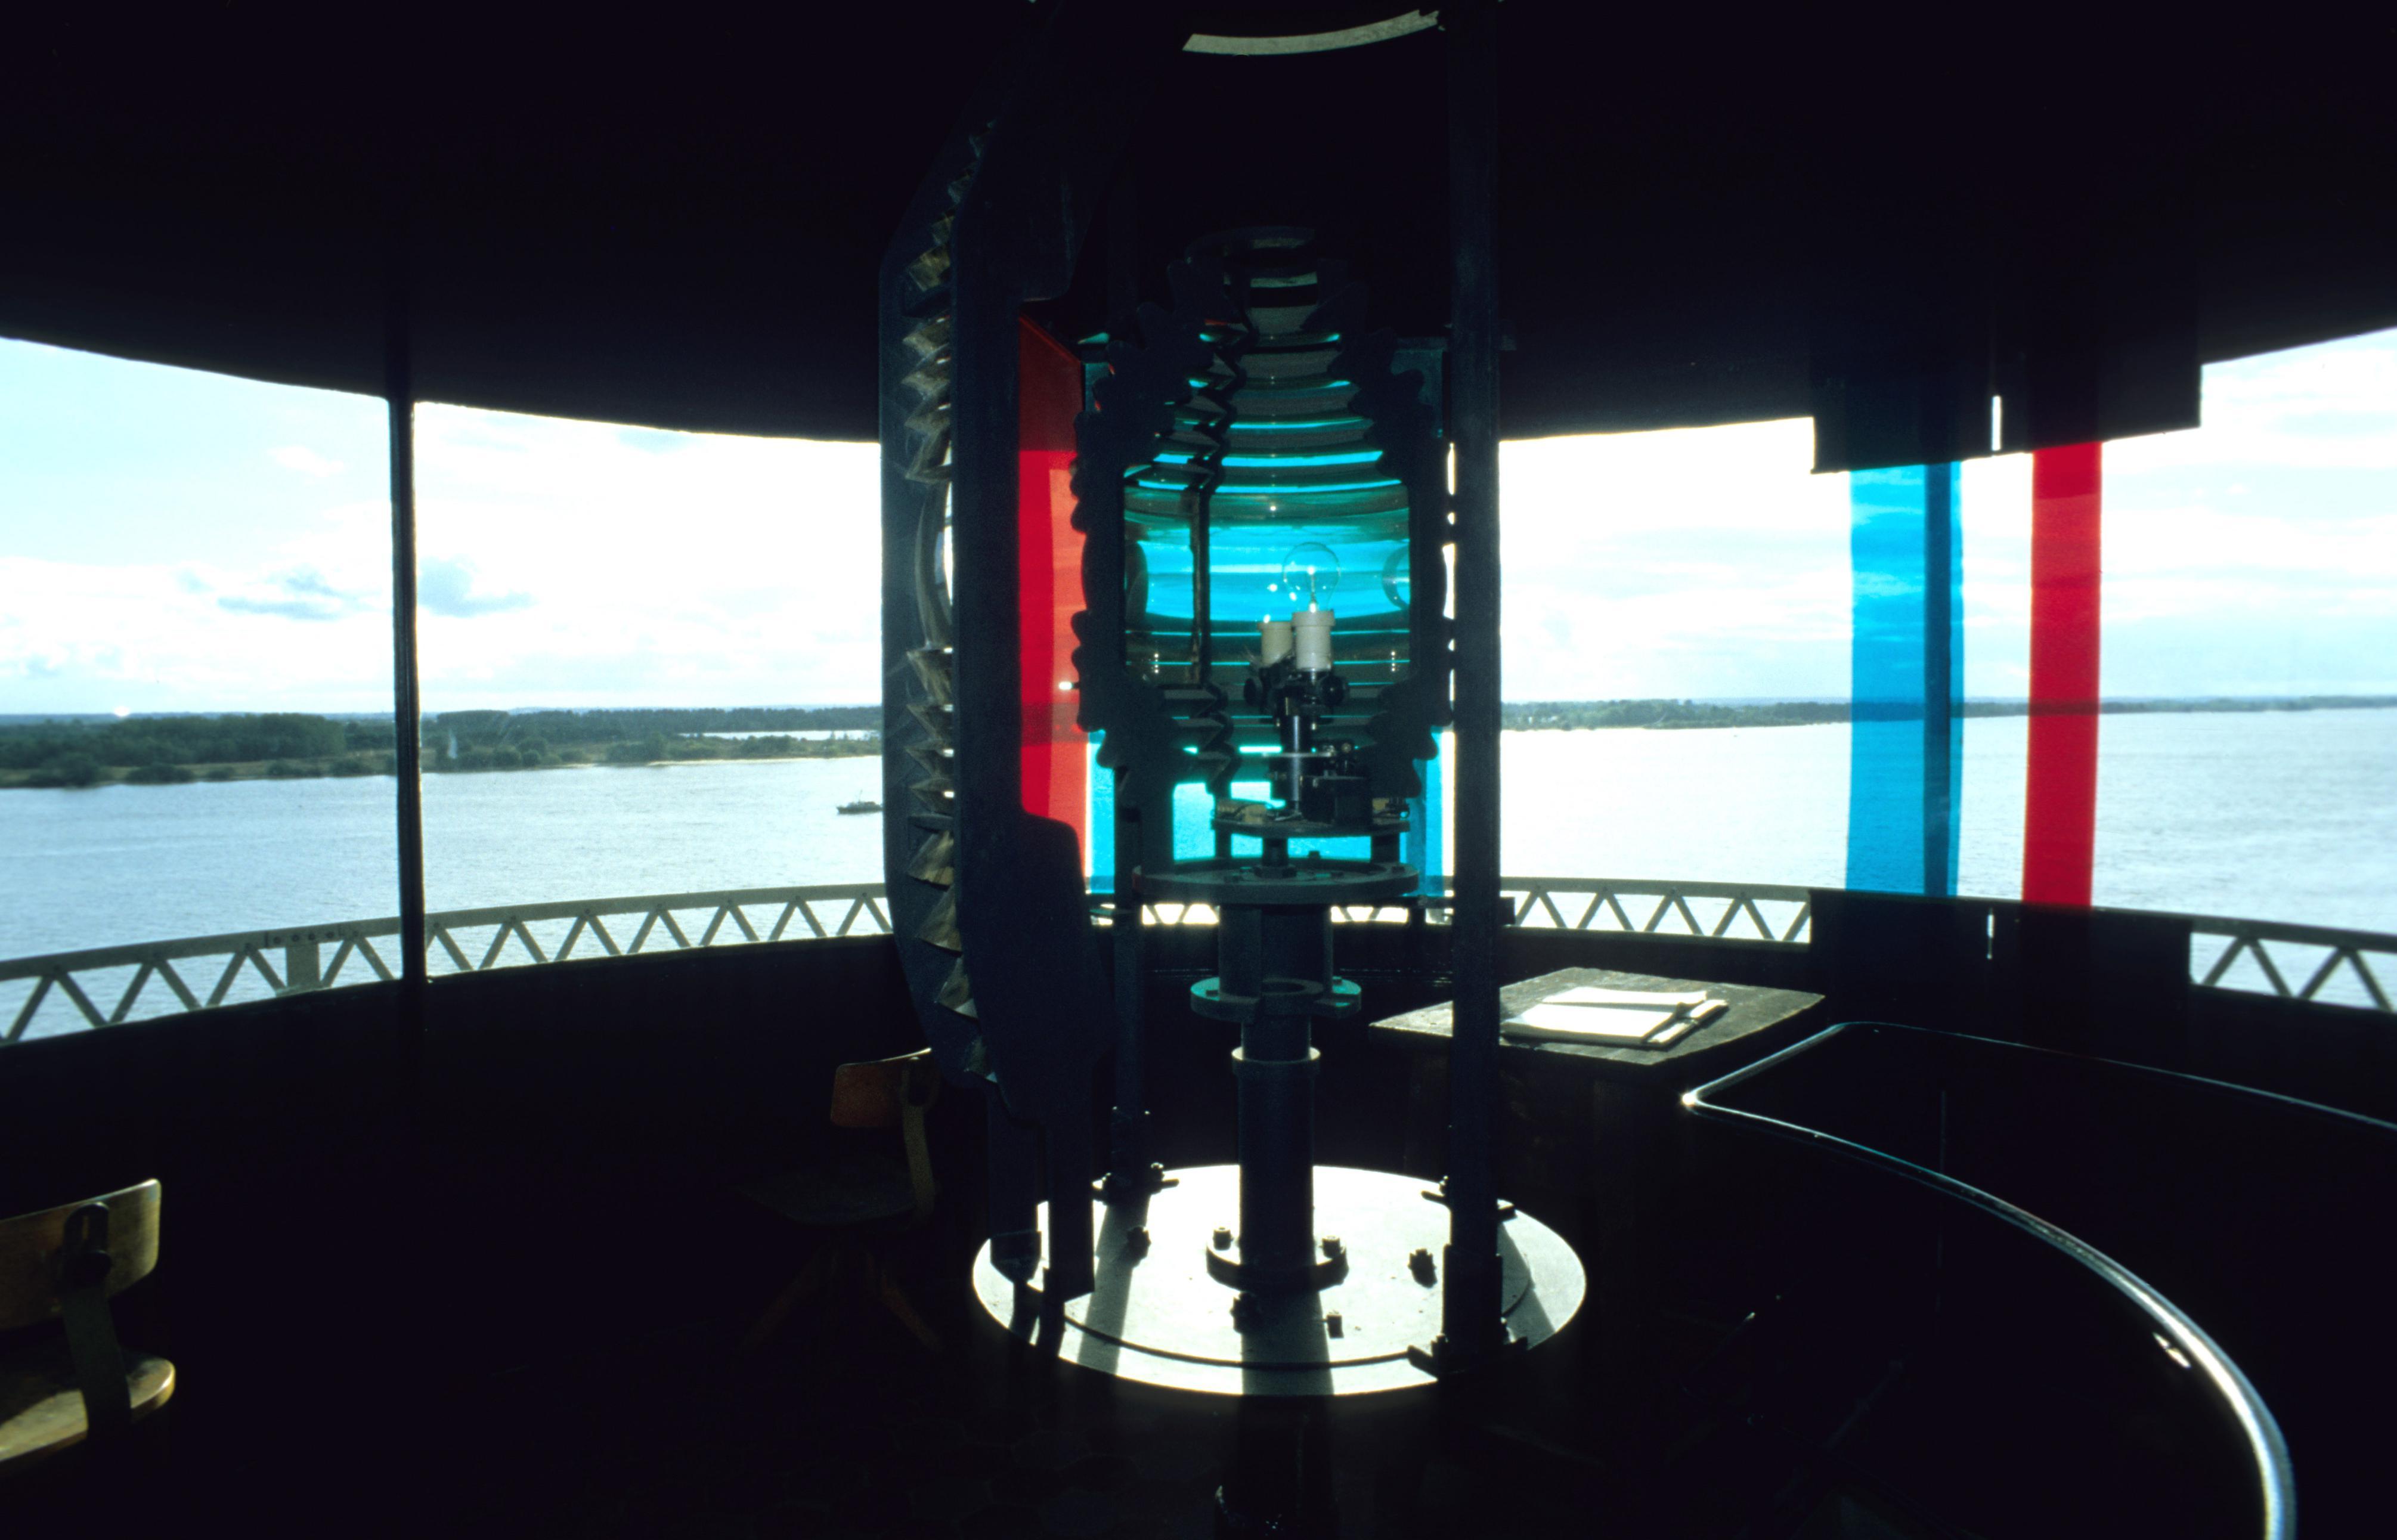 Leuchtturm Alte Weser, Blick durch die Laterne mit Optik